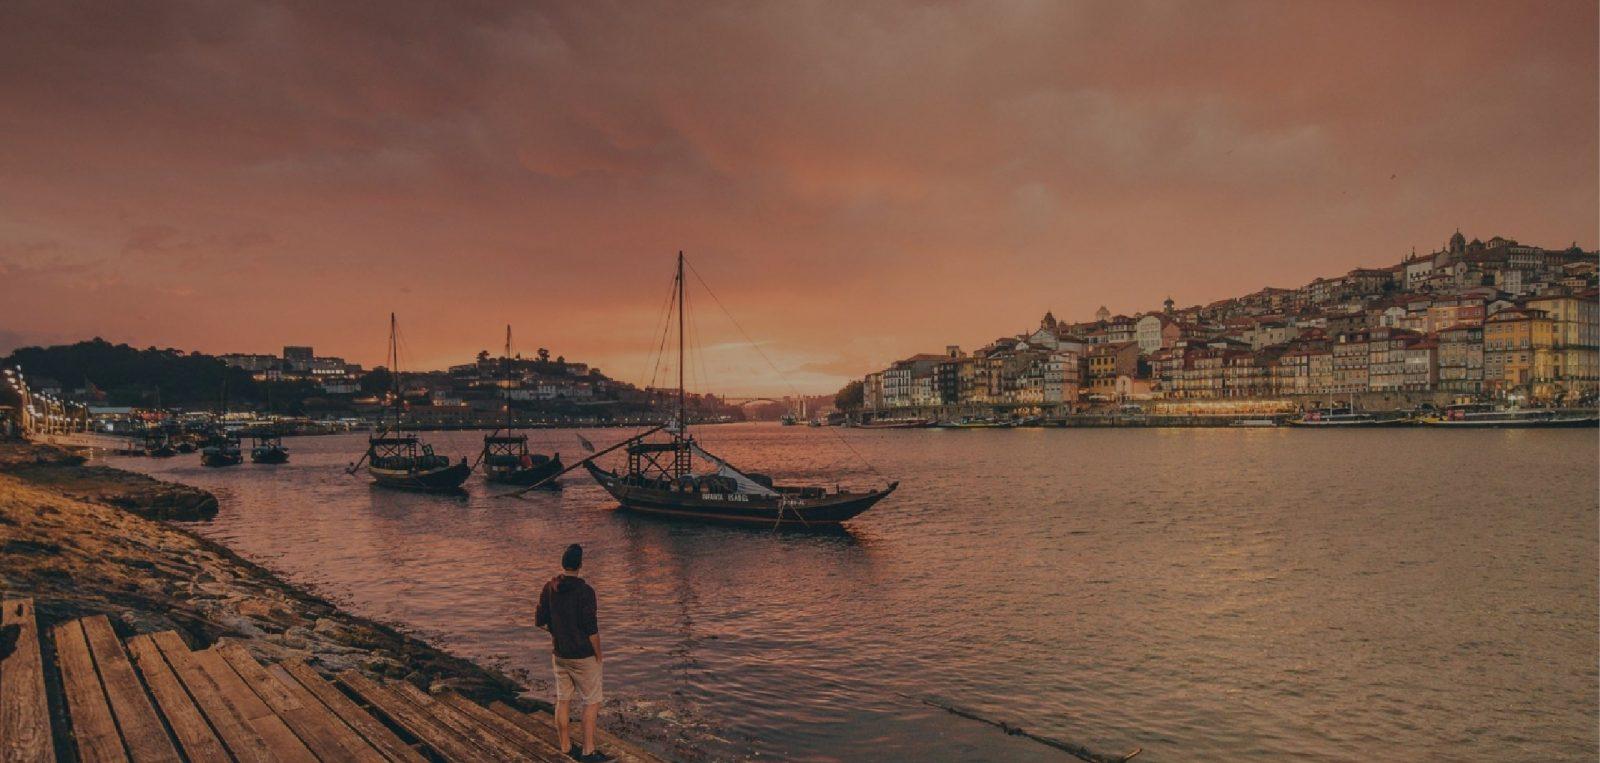 Porto, Douro, River, Rio, Rabelo, Tour, Tours, Travel, Viajar, Tailor made, enoturismo, vinho, wine, enotourism, tourism, turismo